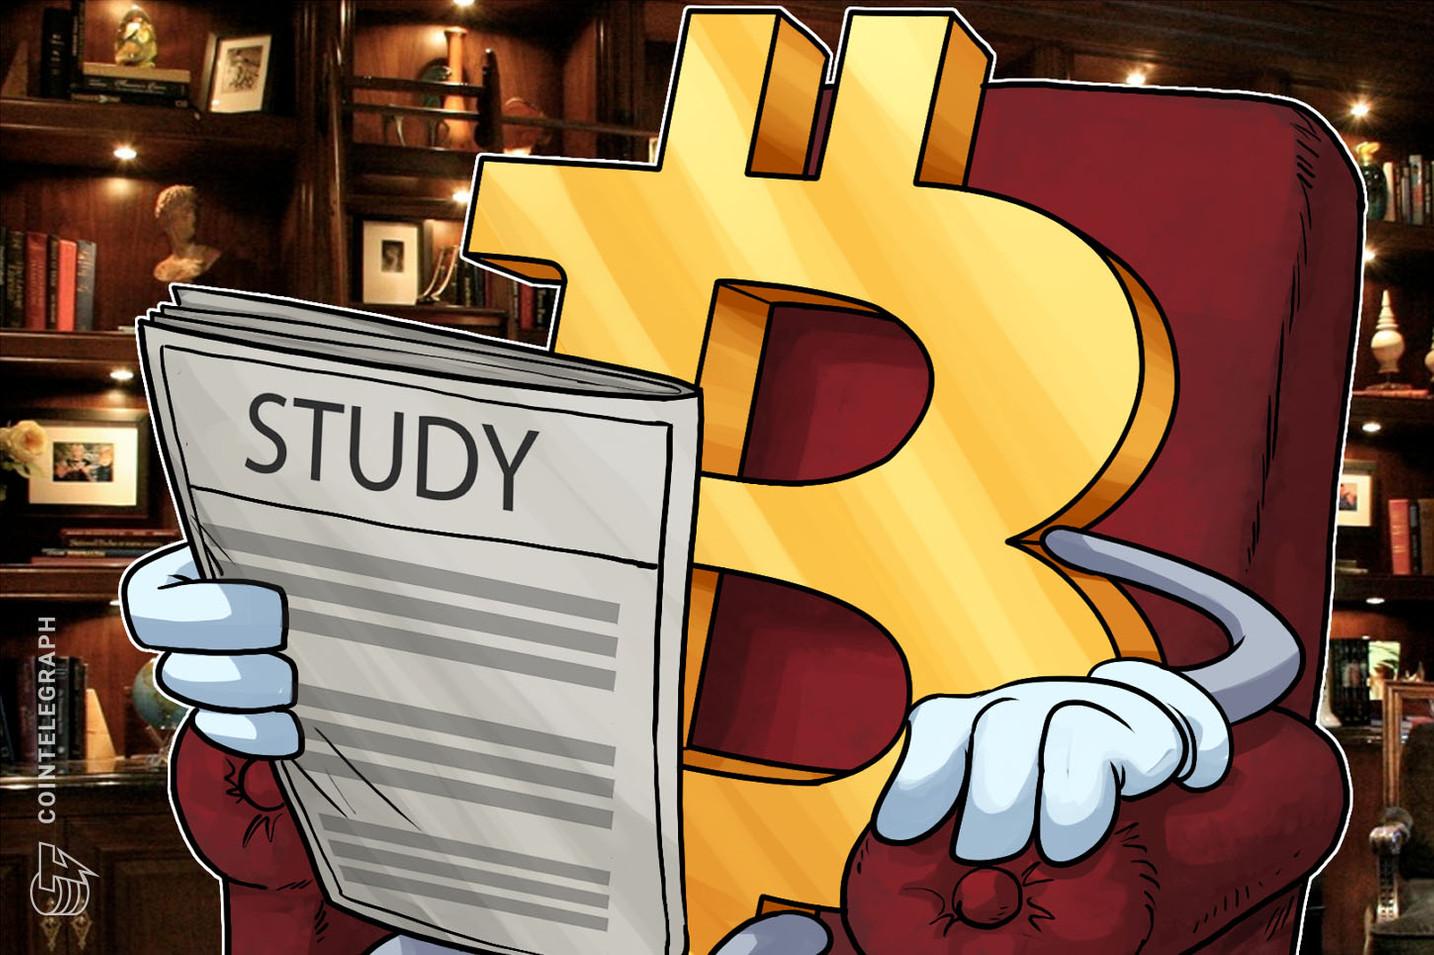 Le 'whale' del Bitcoin non sono responsabili della volatilità dei prezzi, svela una ricerca